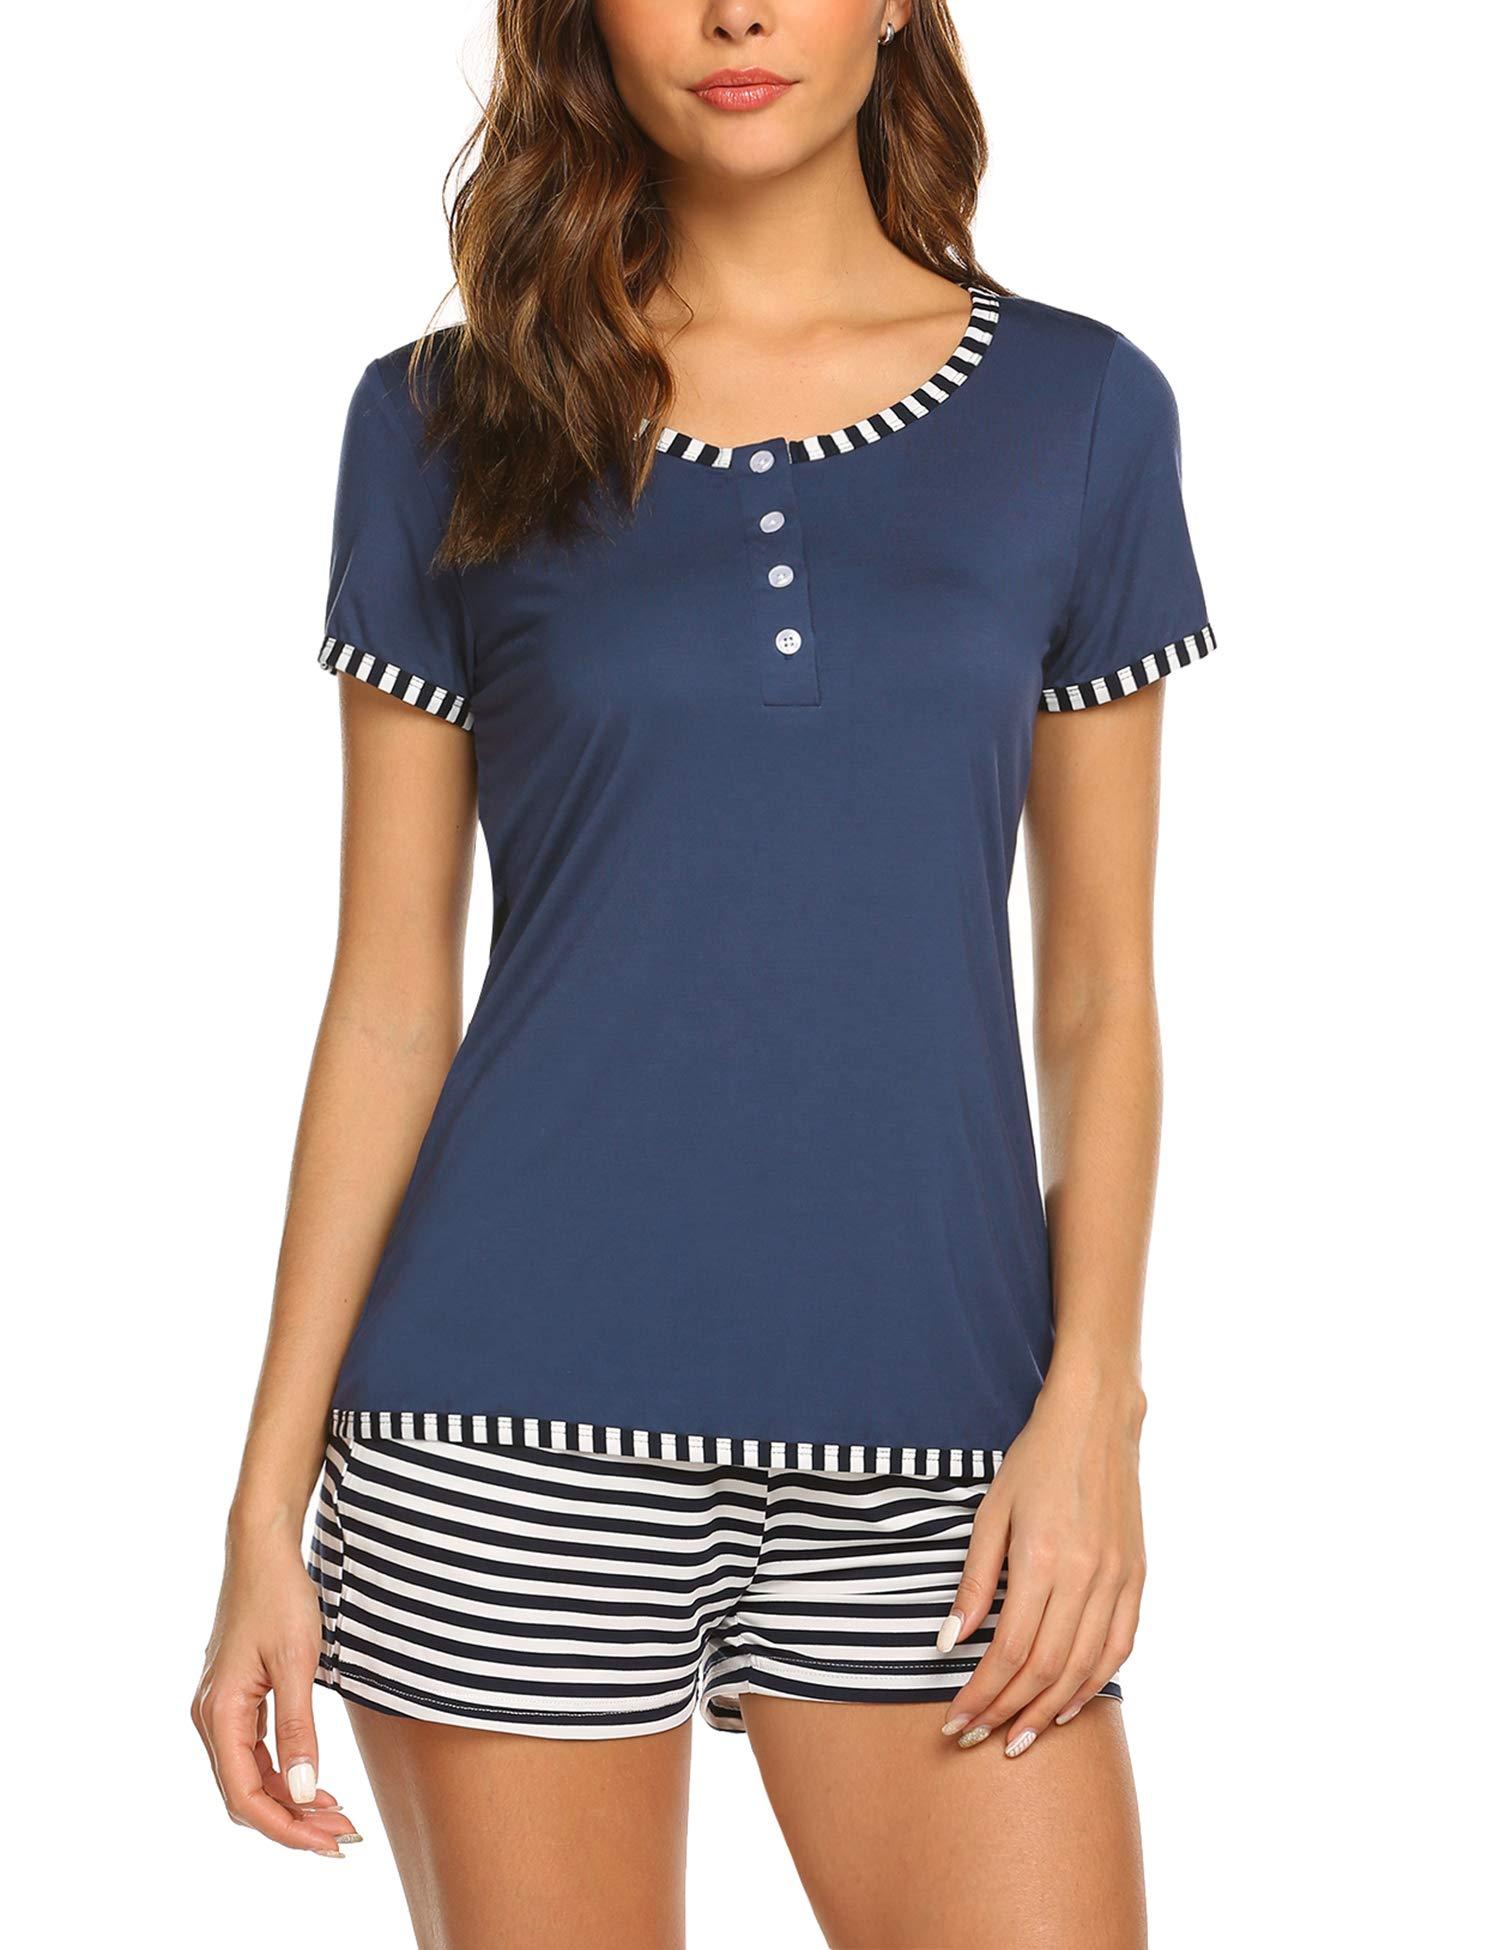 Ekouaer Women's Shorts Pajama Set Short Sleeve Cotton Sleepwear Cute Nightwear Pjs S-XXL